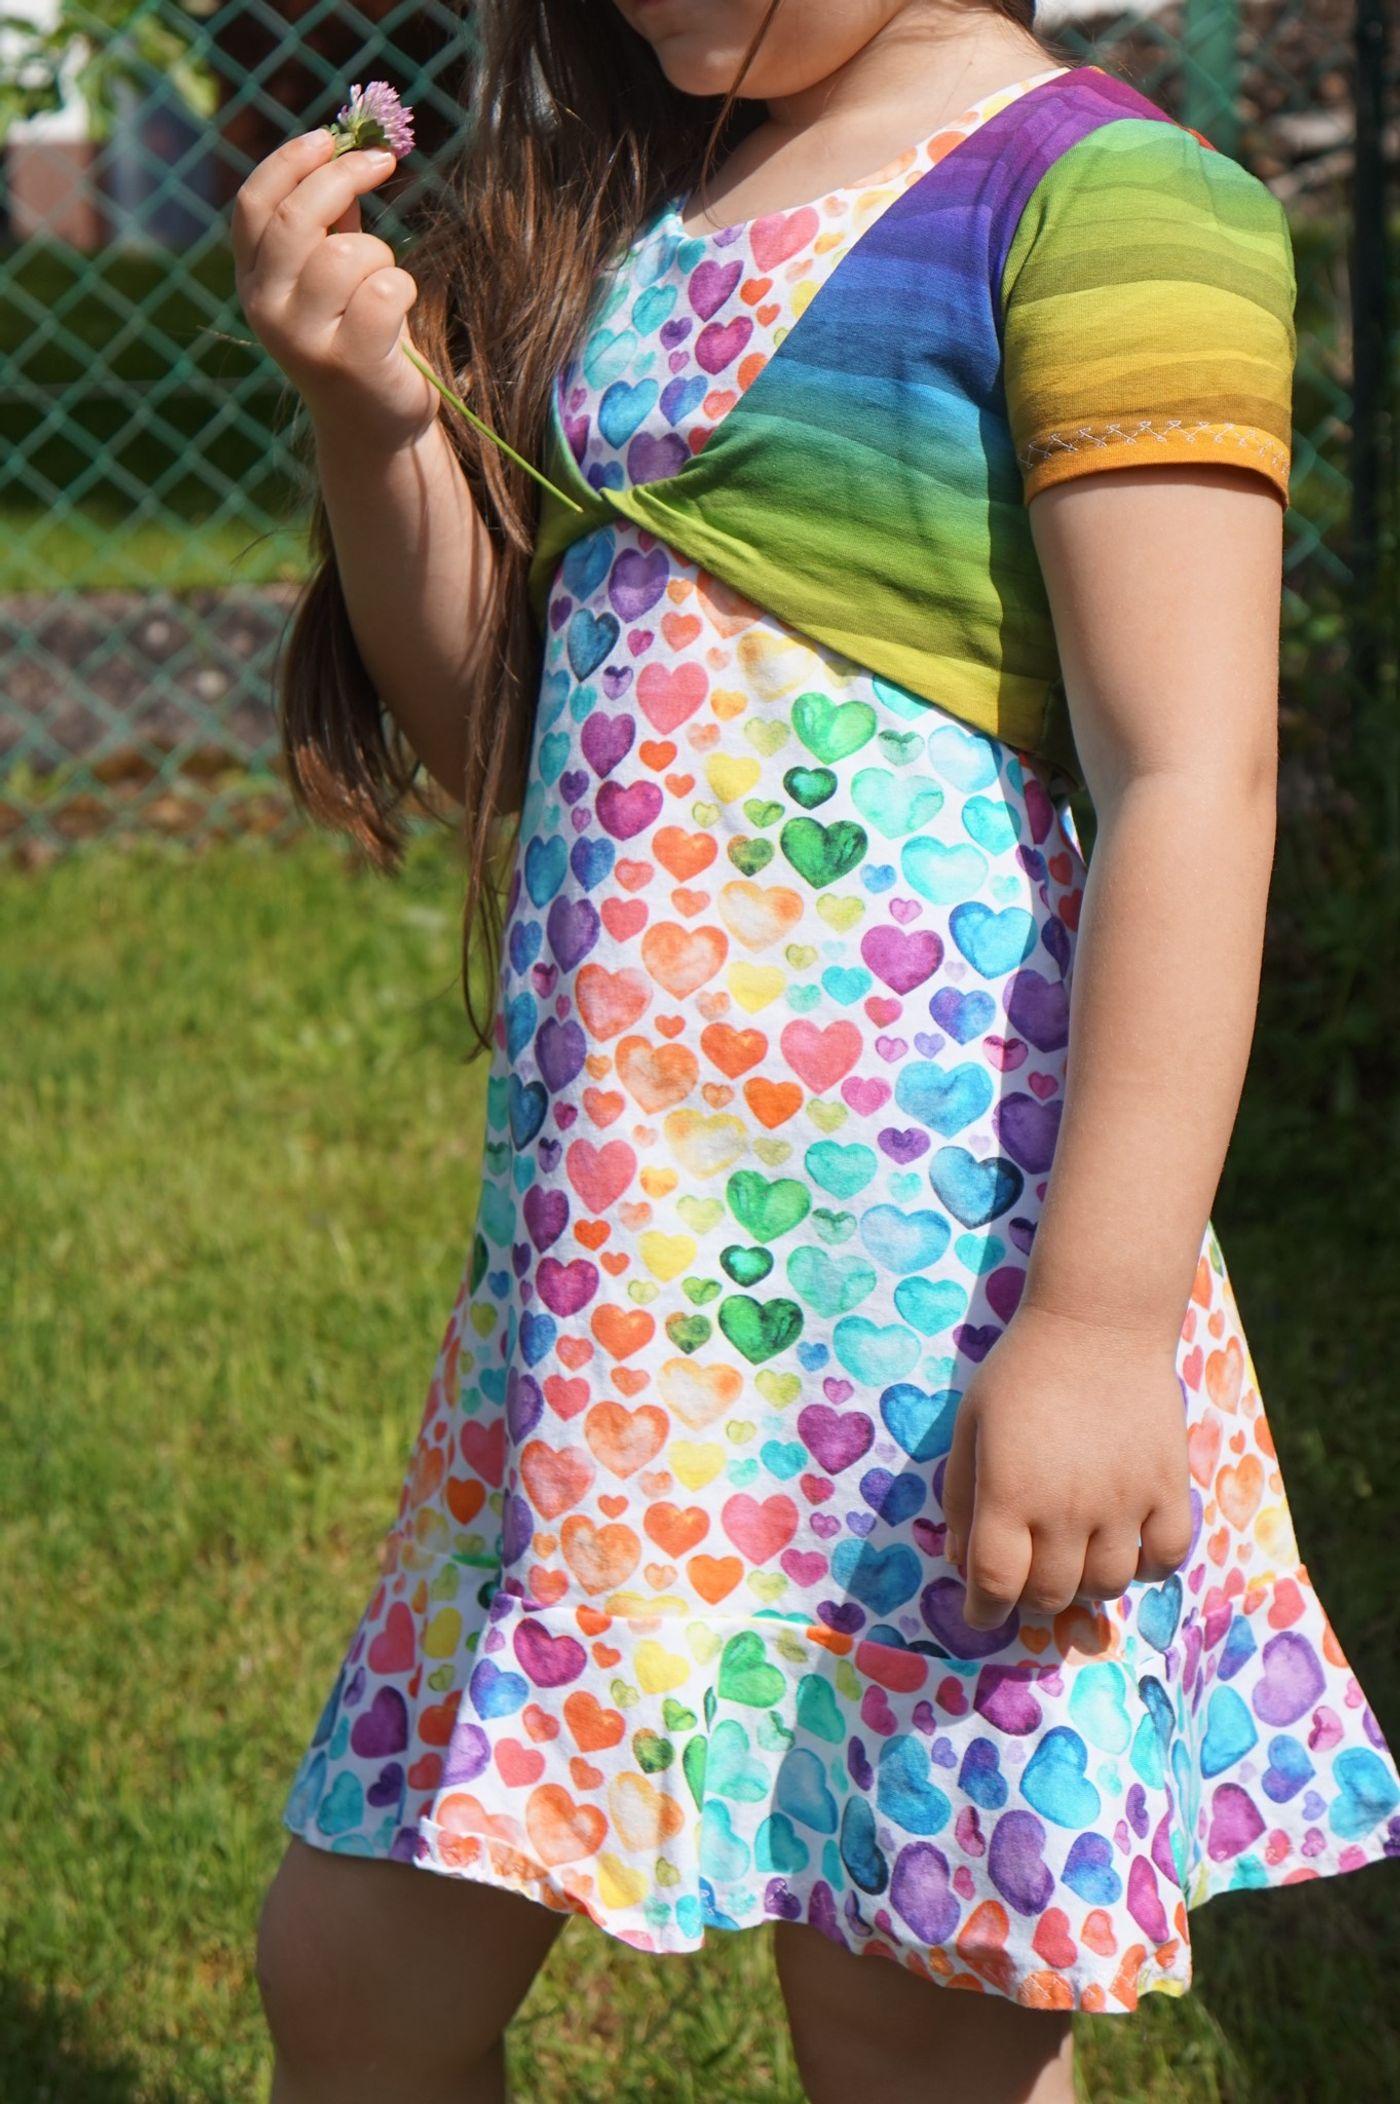 Produktfoto 15 von Happy Pearl für Schnittmuster Little SUNdrina + Happy SUNdrina Tunika/Kleid und 43cm Puppenschnitt